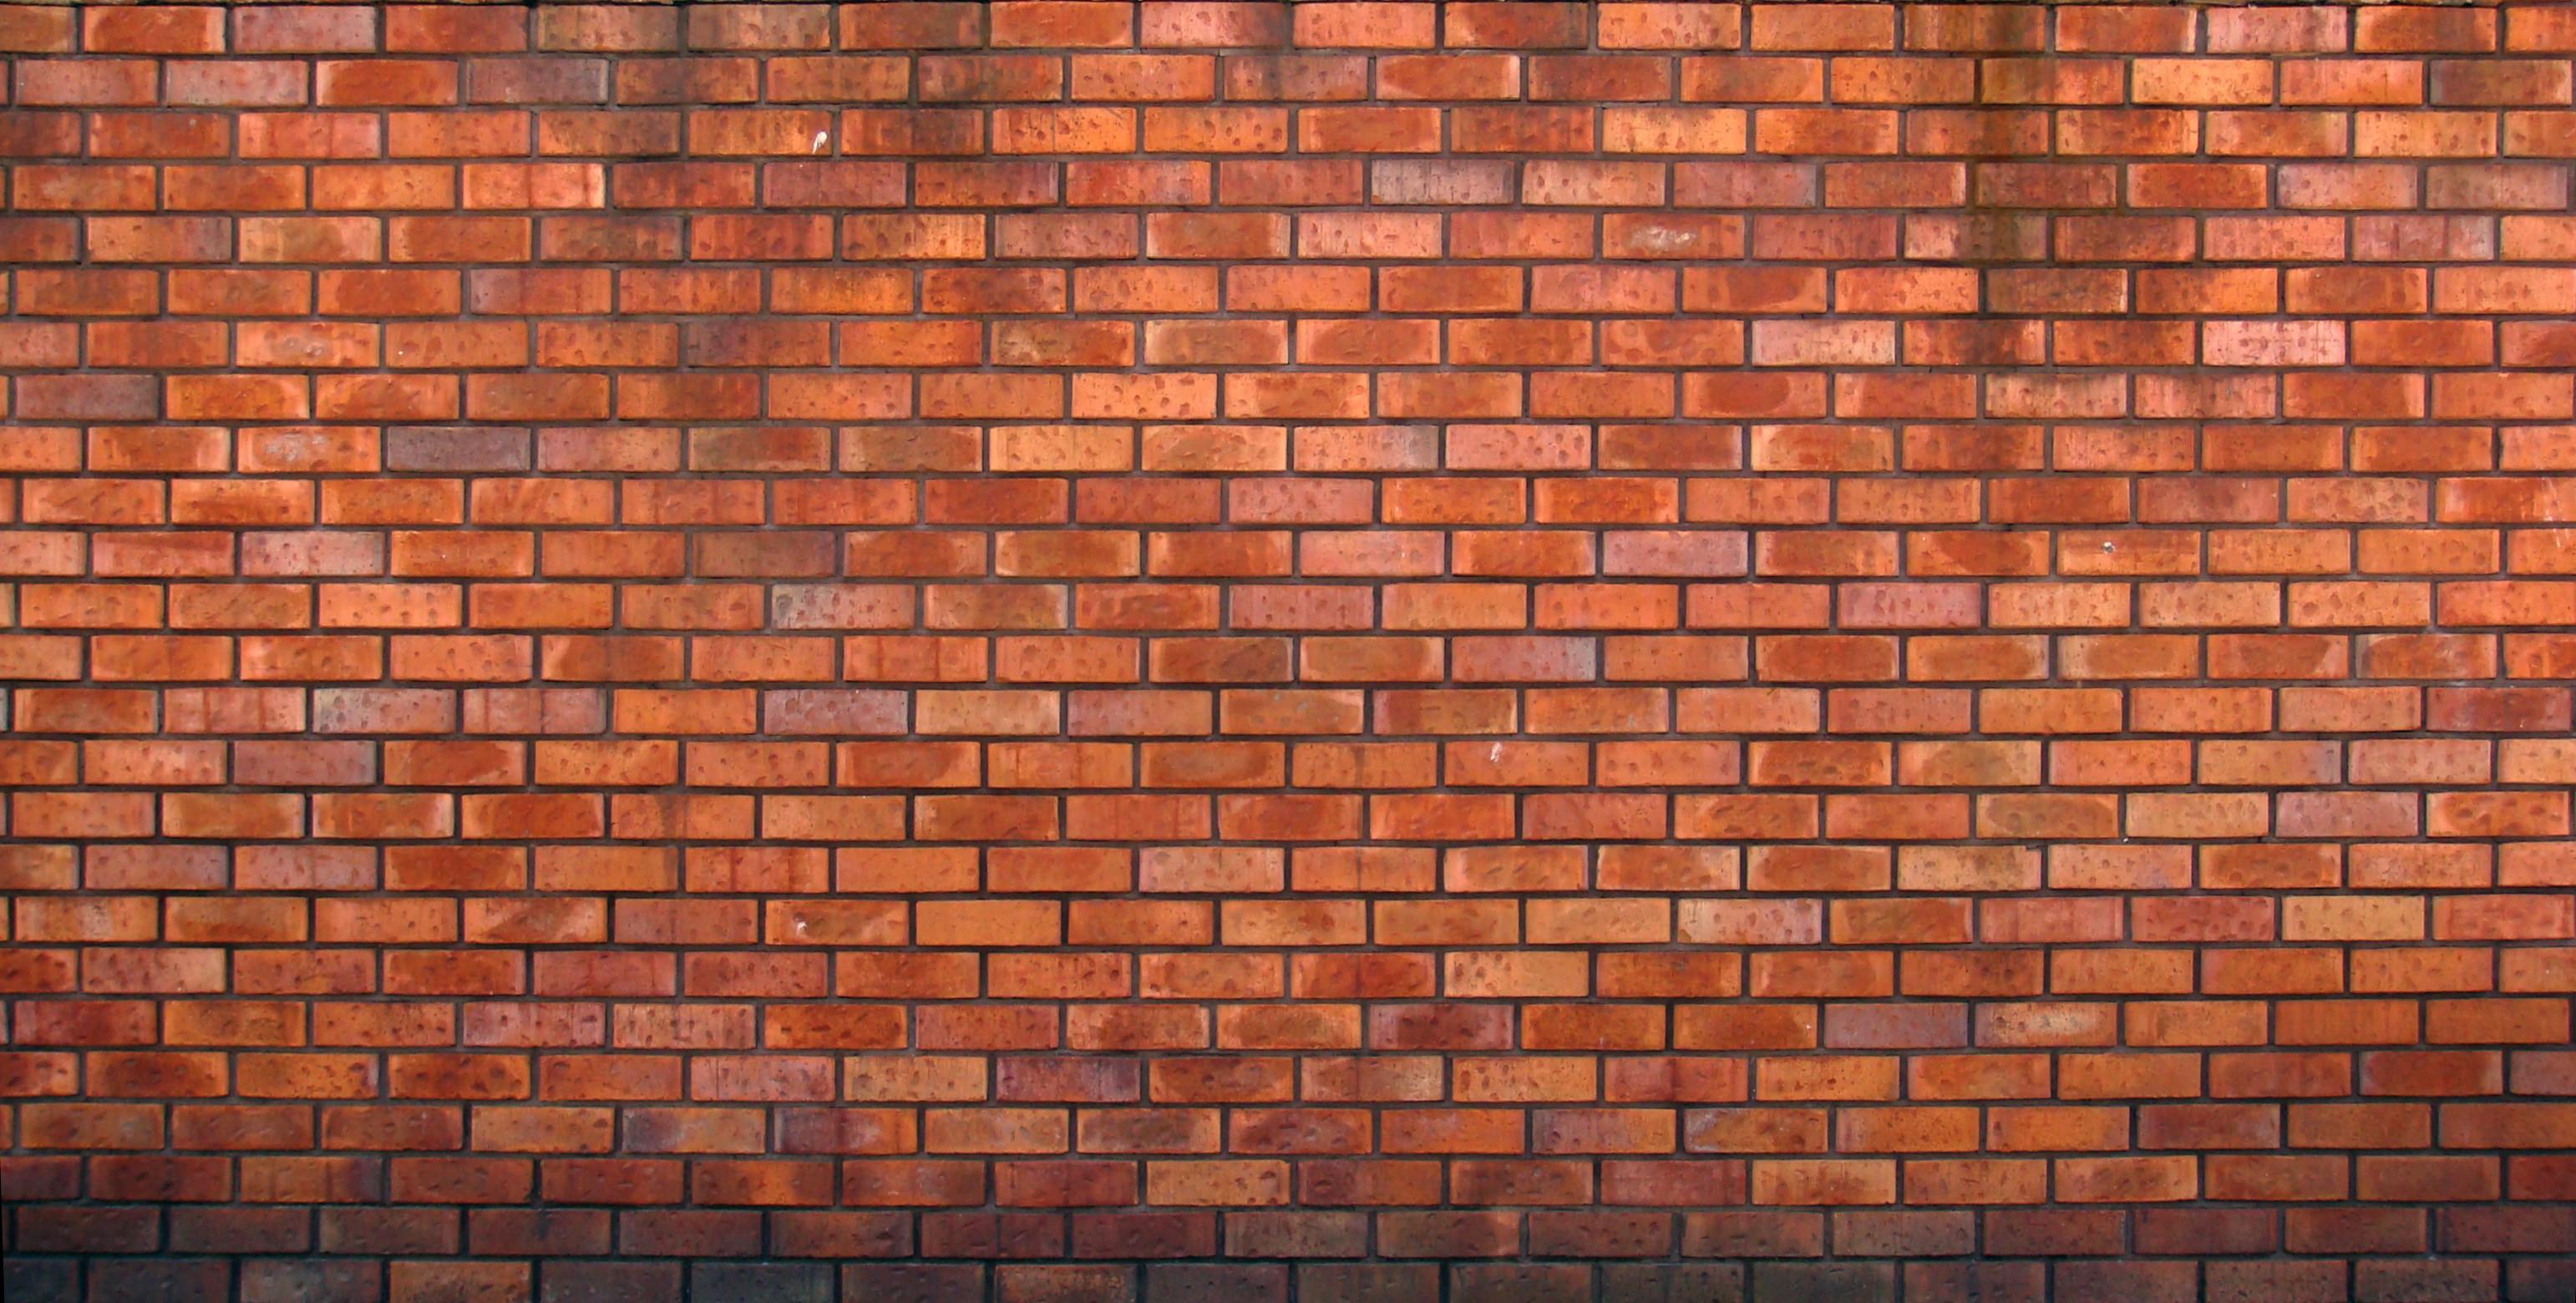 Wall Brick Texture Bricks Endearing Enchanting | transitionsfv